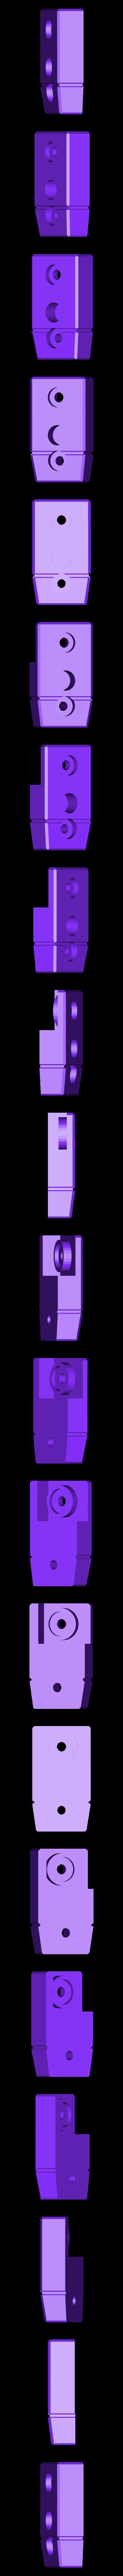 arm_v1_R_02.stl Download free STL file TRANSFORMERS G1 ROTORSTORM ARTICULATION UPGRADE KIT • 3D printable design, sickofyou